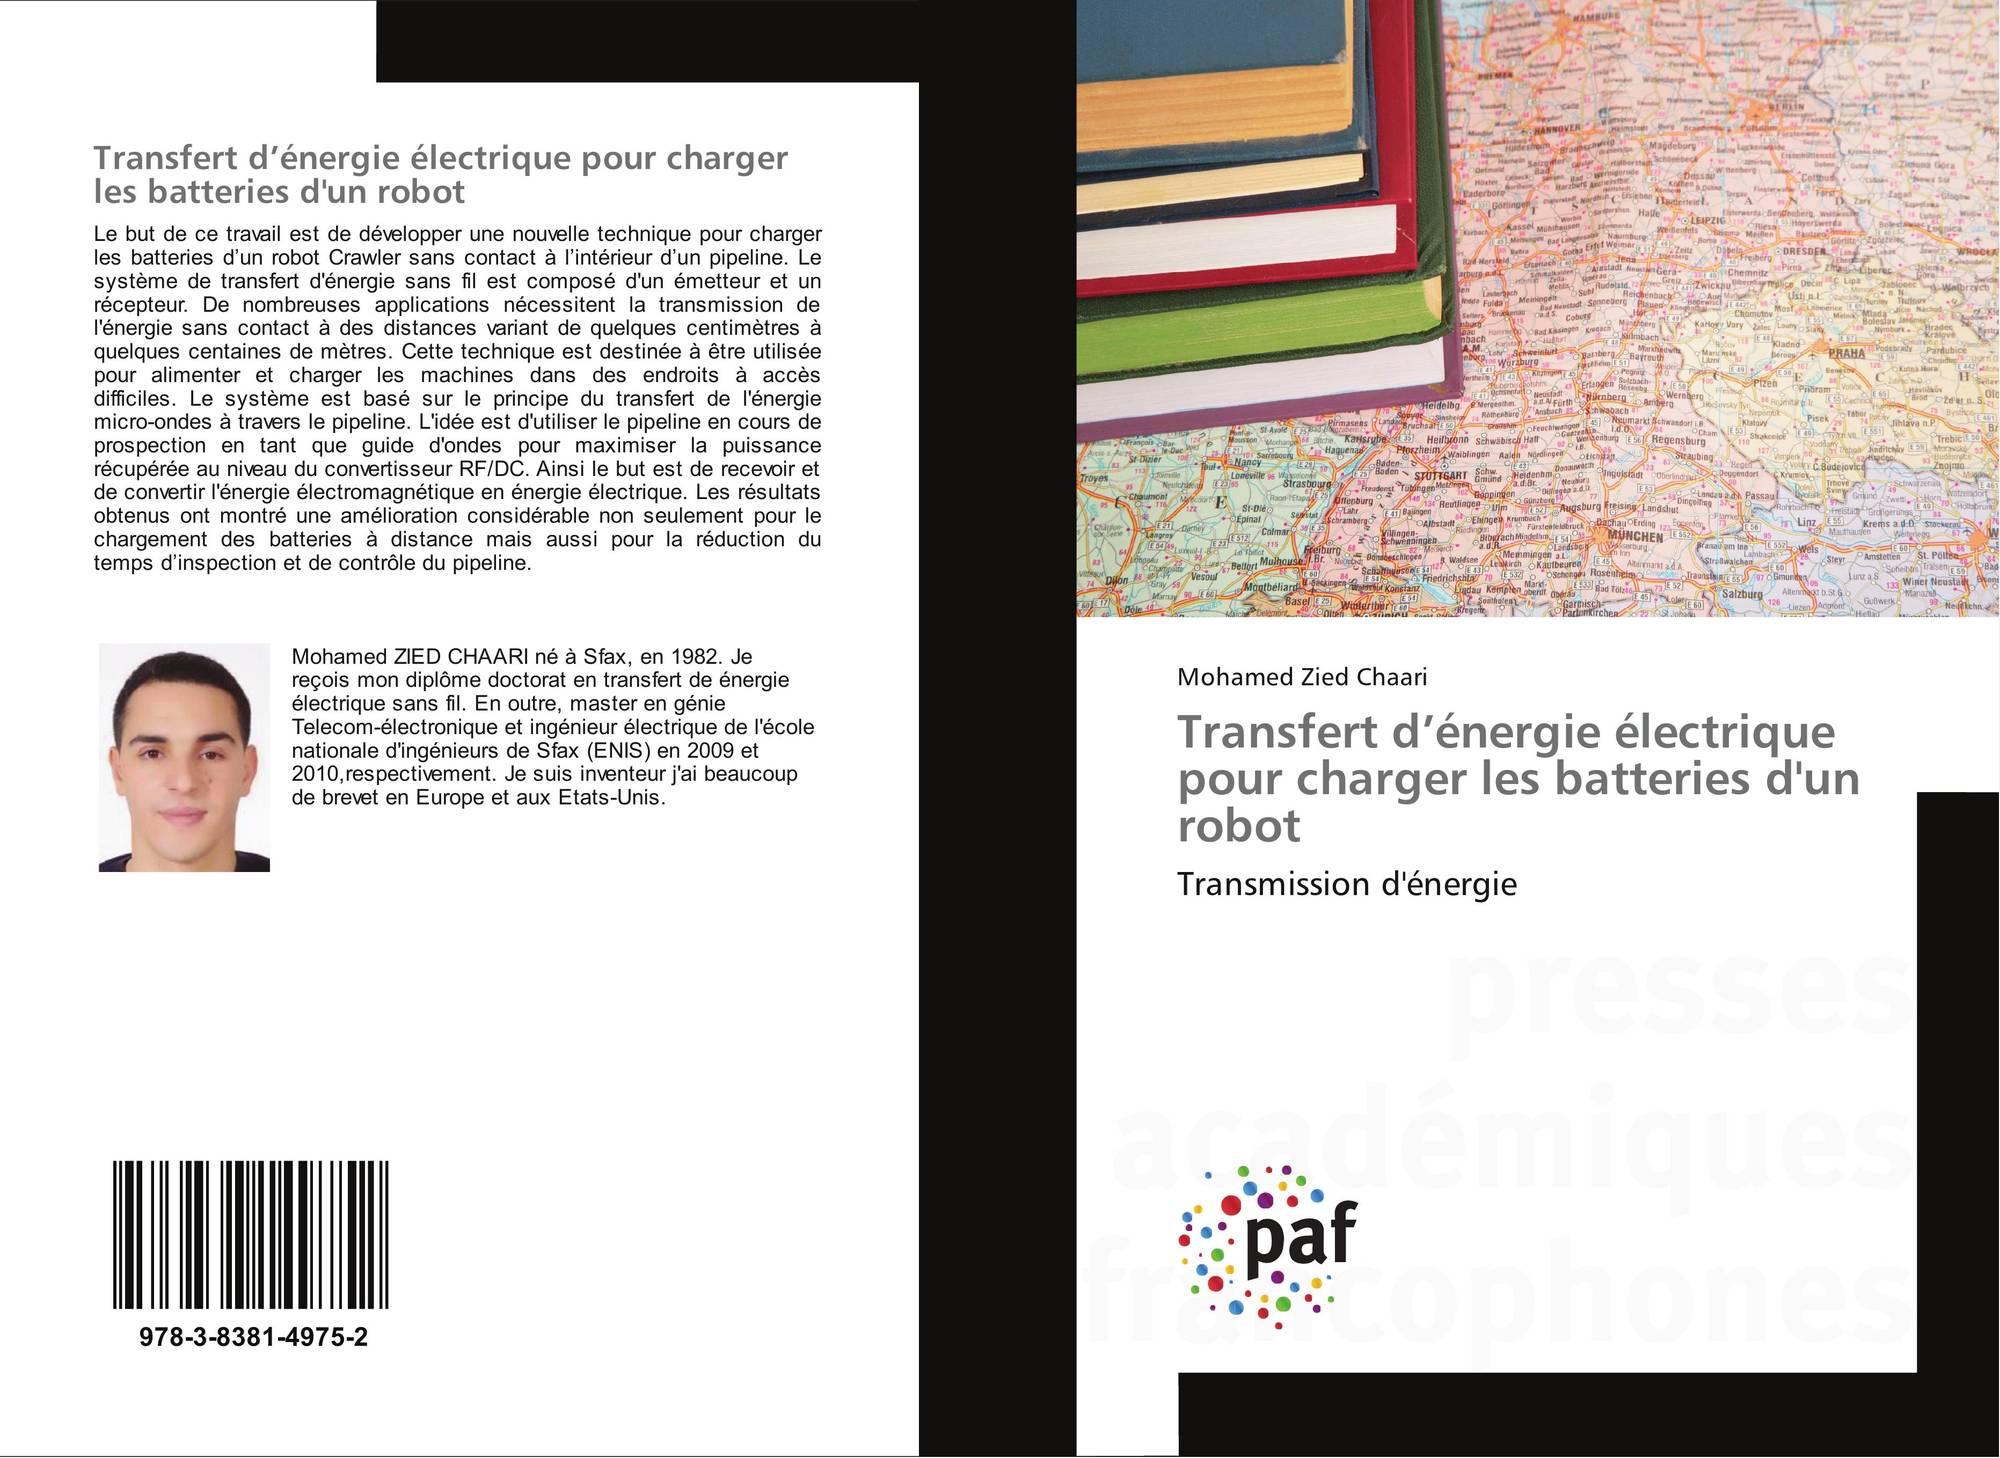 transfert d nergie lectrique pour charger les batteries d 39 un robot 978 3 8381 4975 2. Black Bedroom Furniture Sets. Home Design Ideas